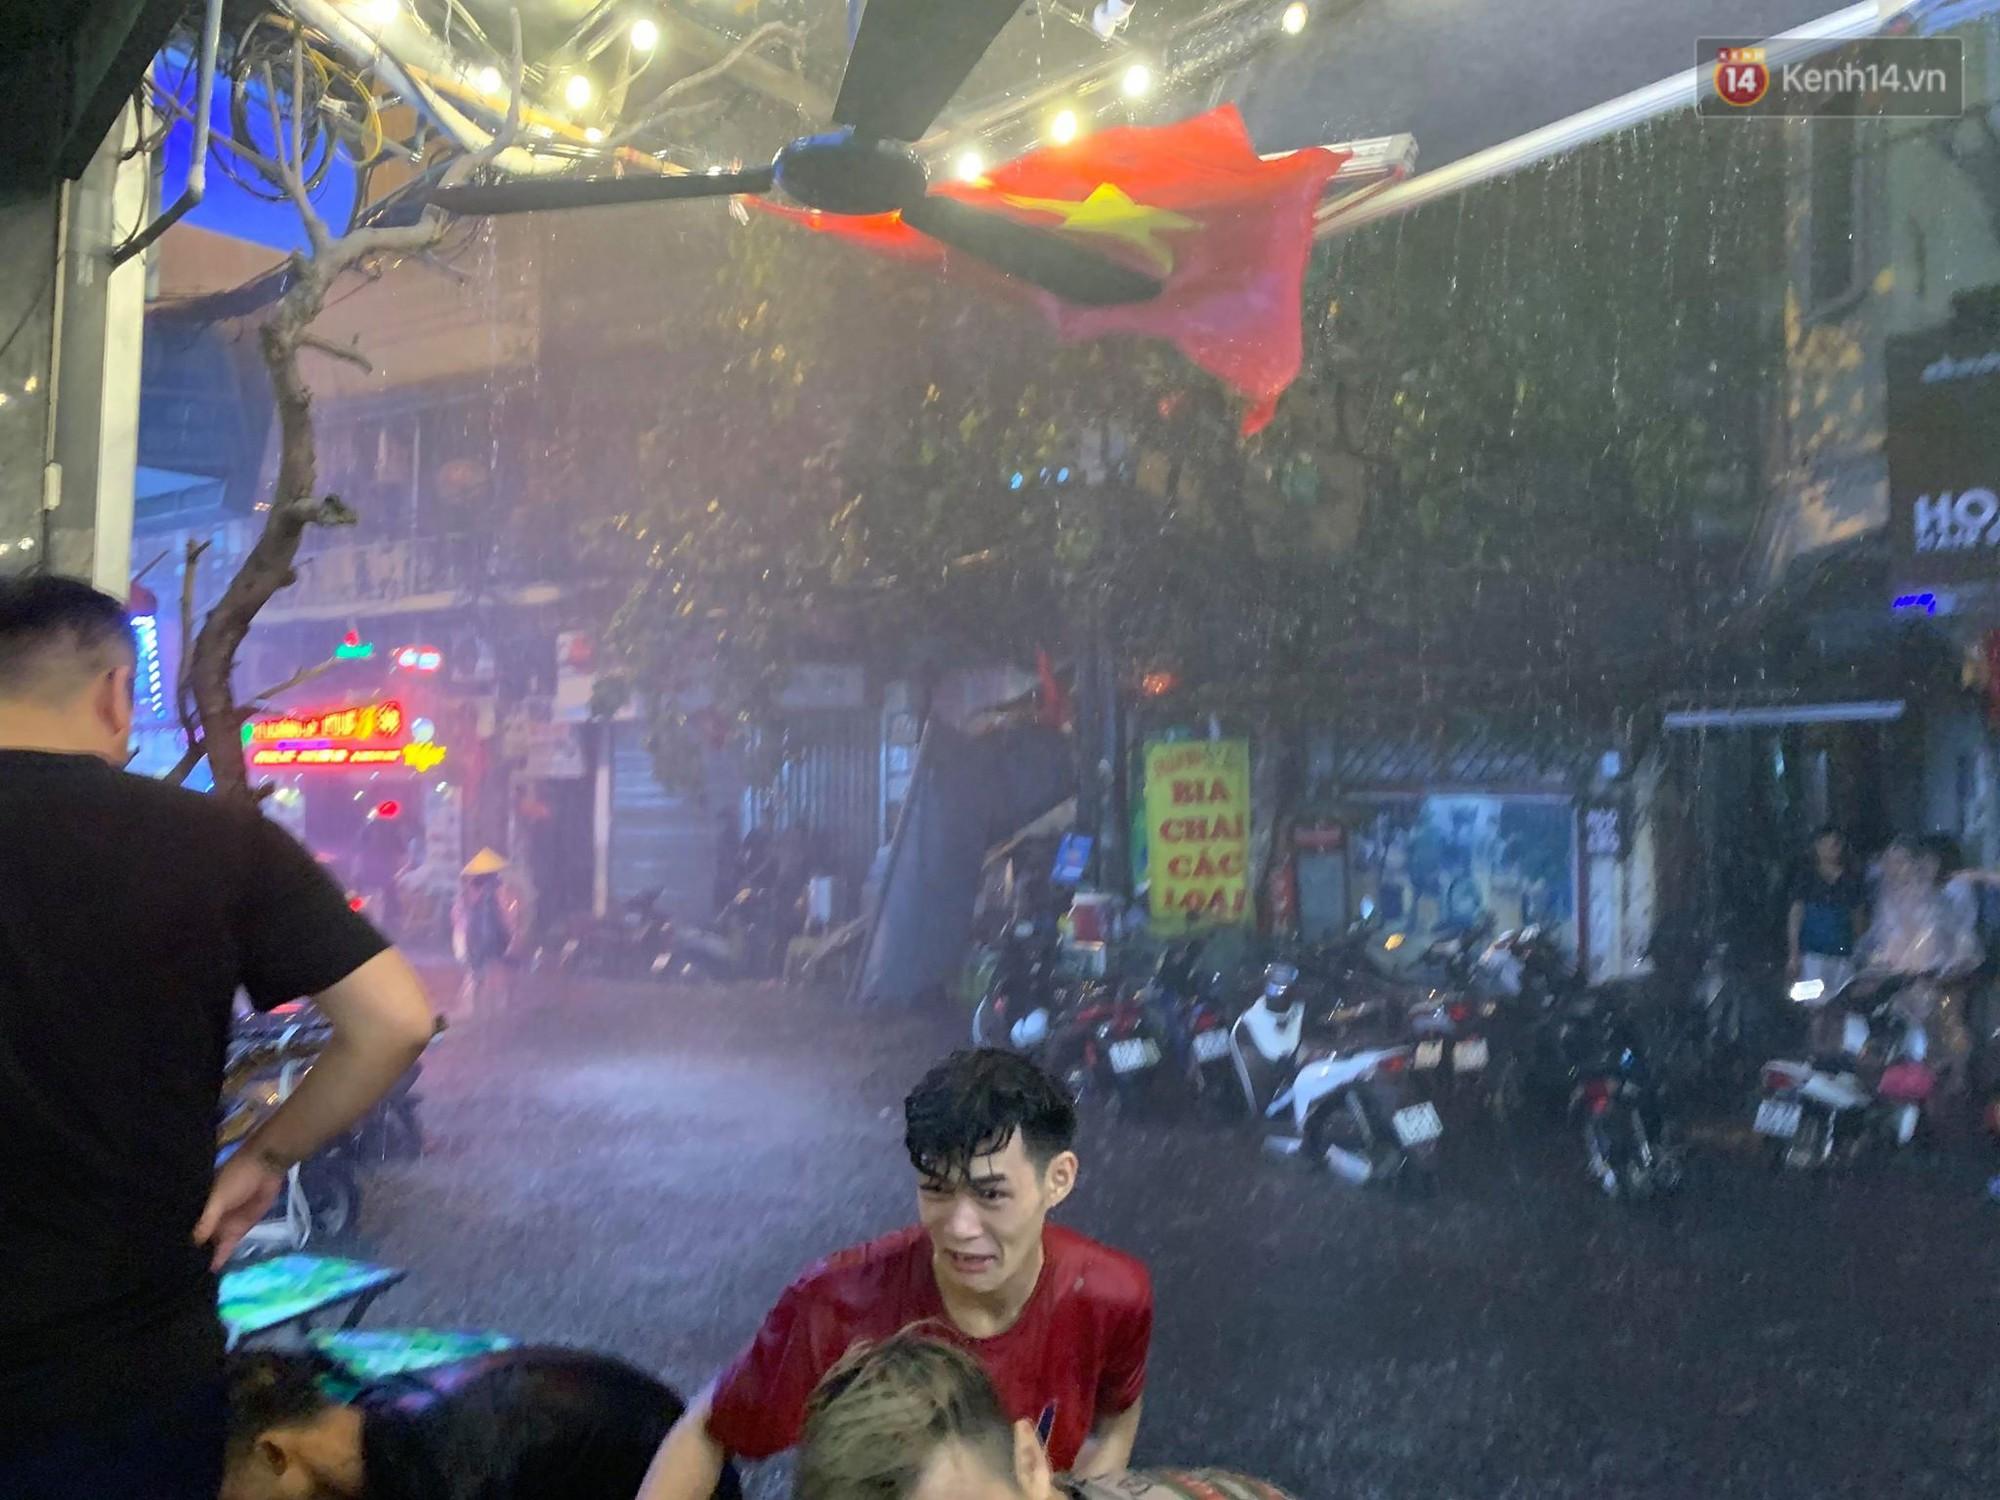 Hà Nội đón trận mưa lớn bất ngờ sau chuỗi ngày oi bức đến ngộp thở, một số tuyến đường bắt đầu ngập úng - Ảnh 1.